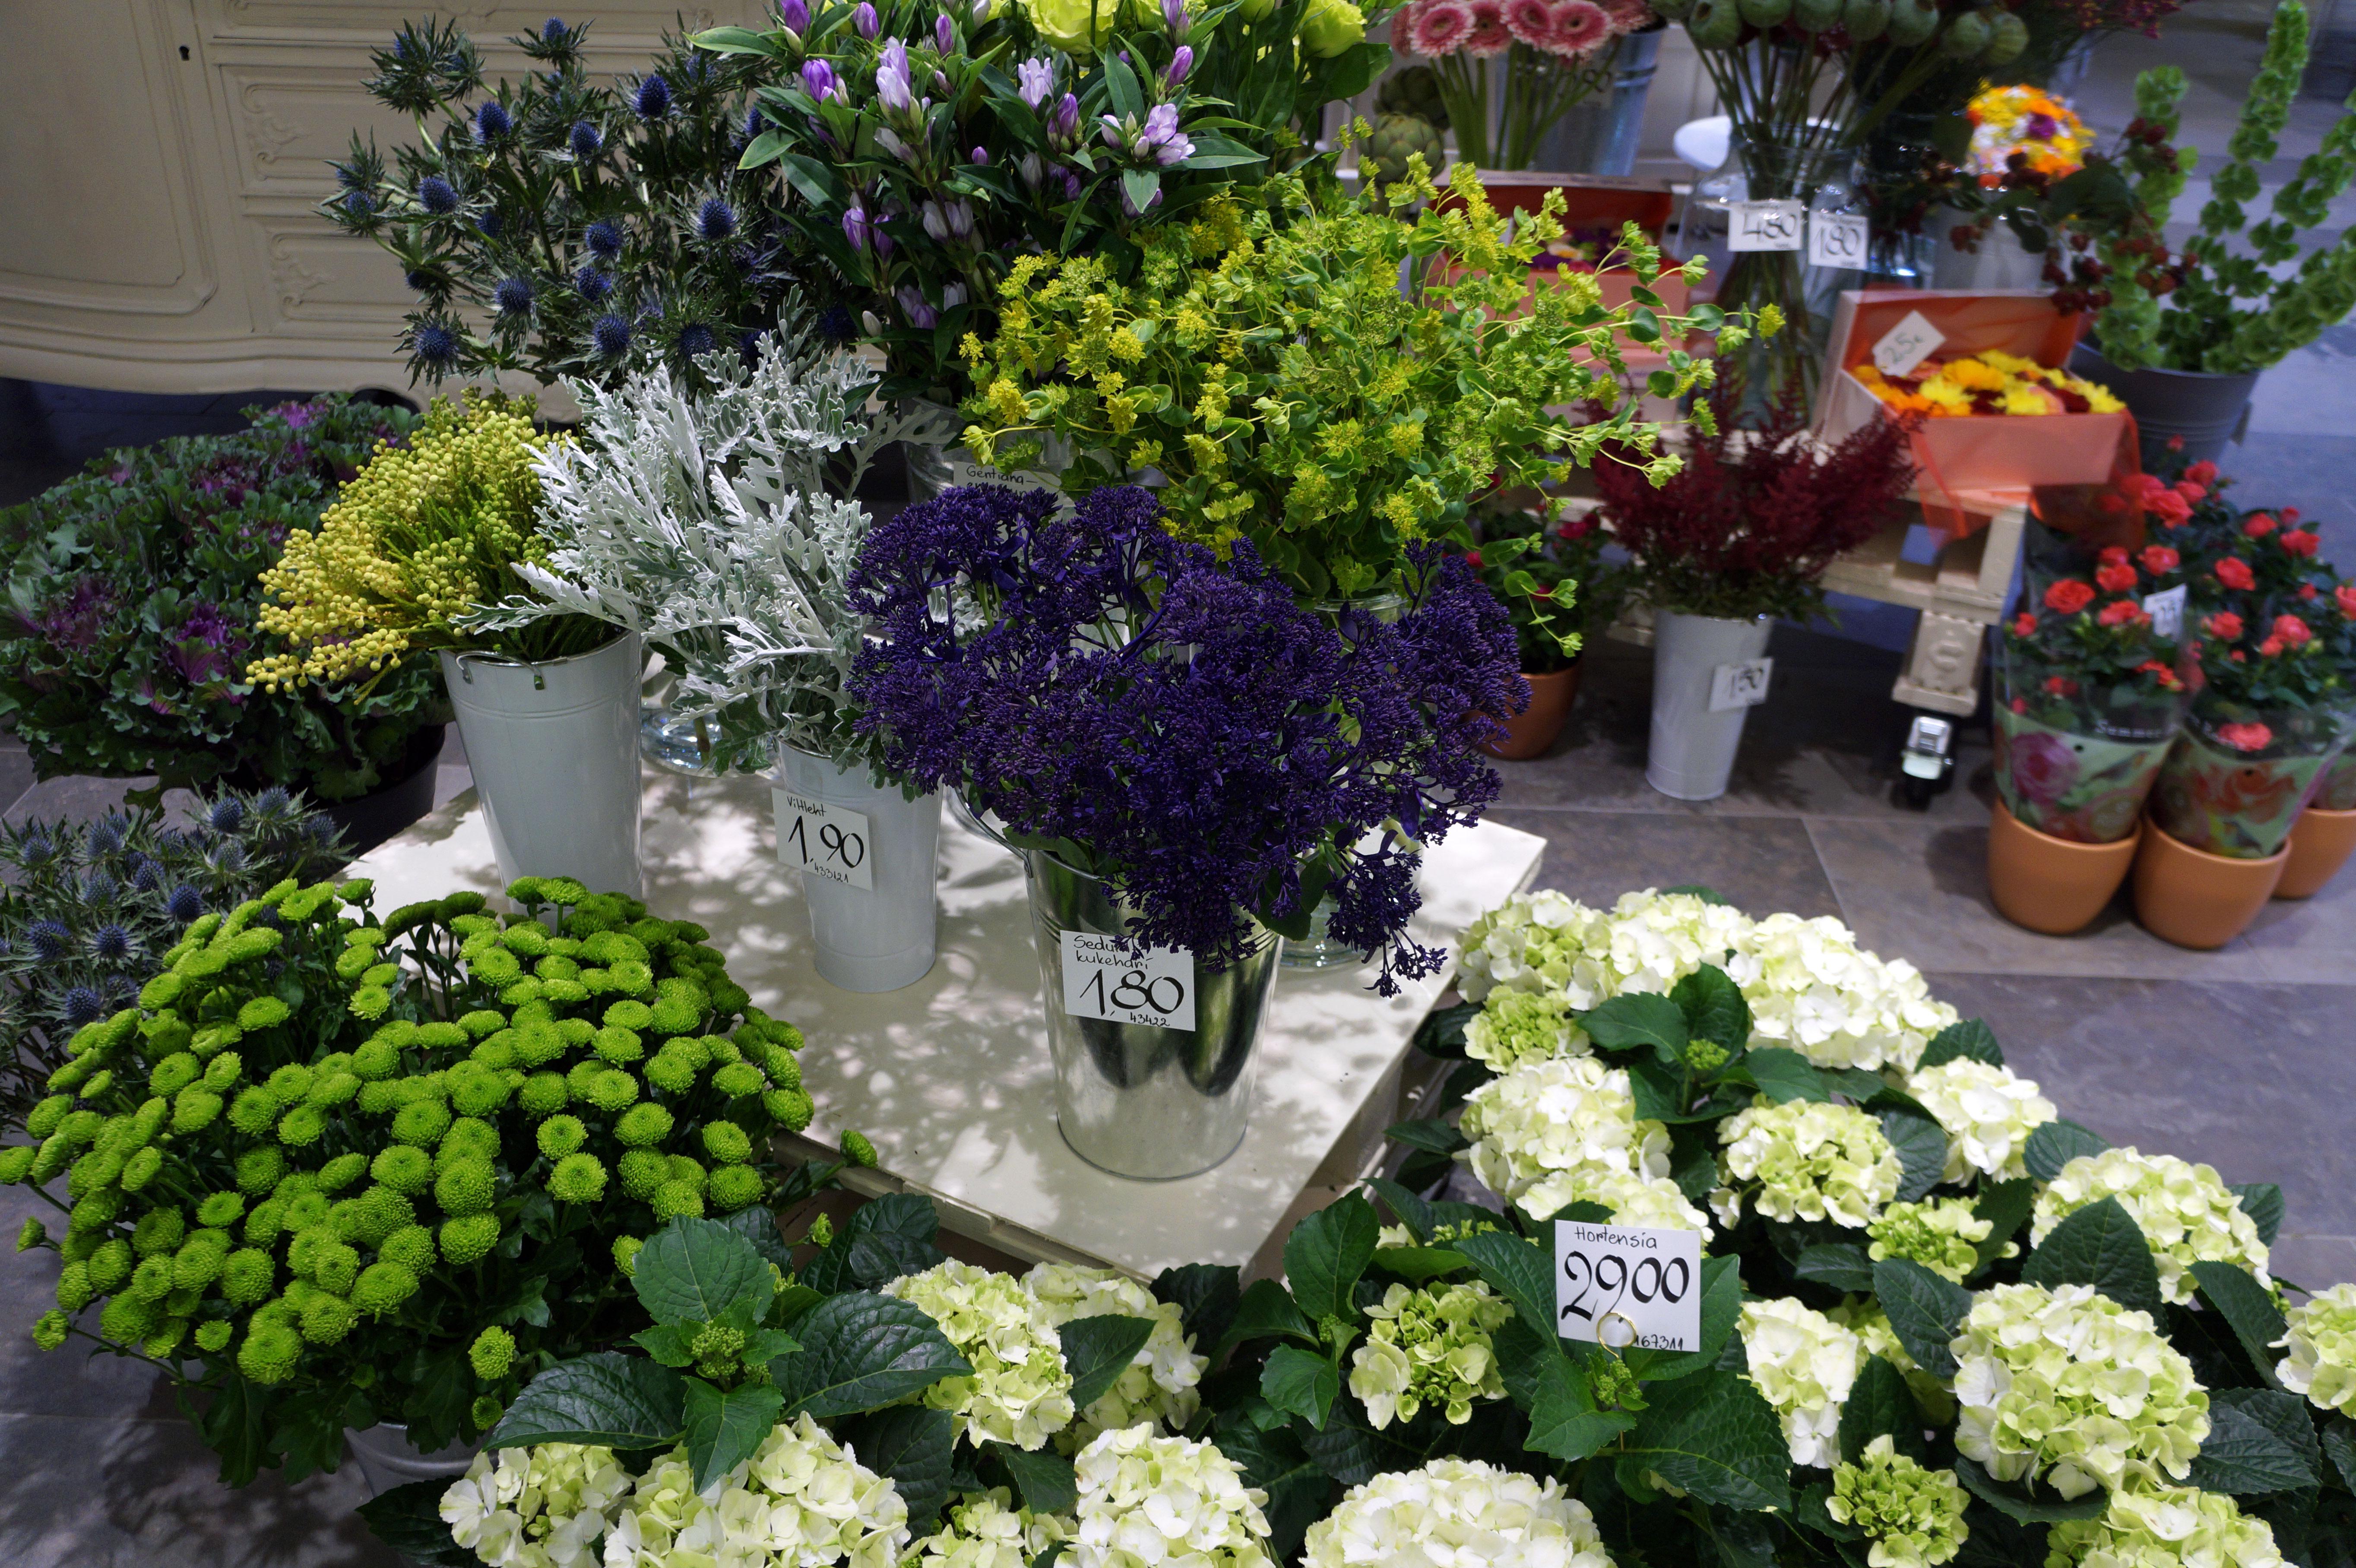 Dsc08626v jardin lilled for Jardin lilled